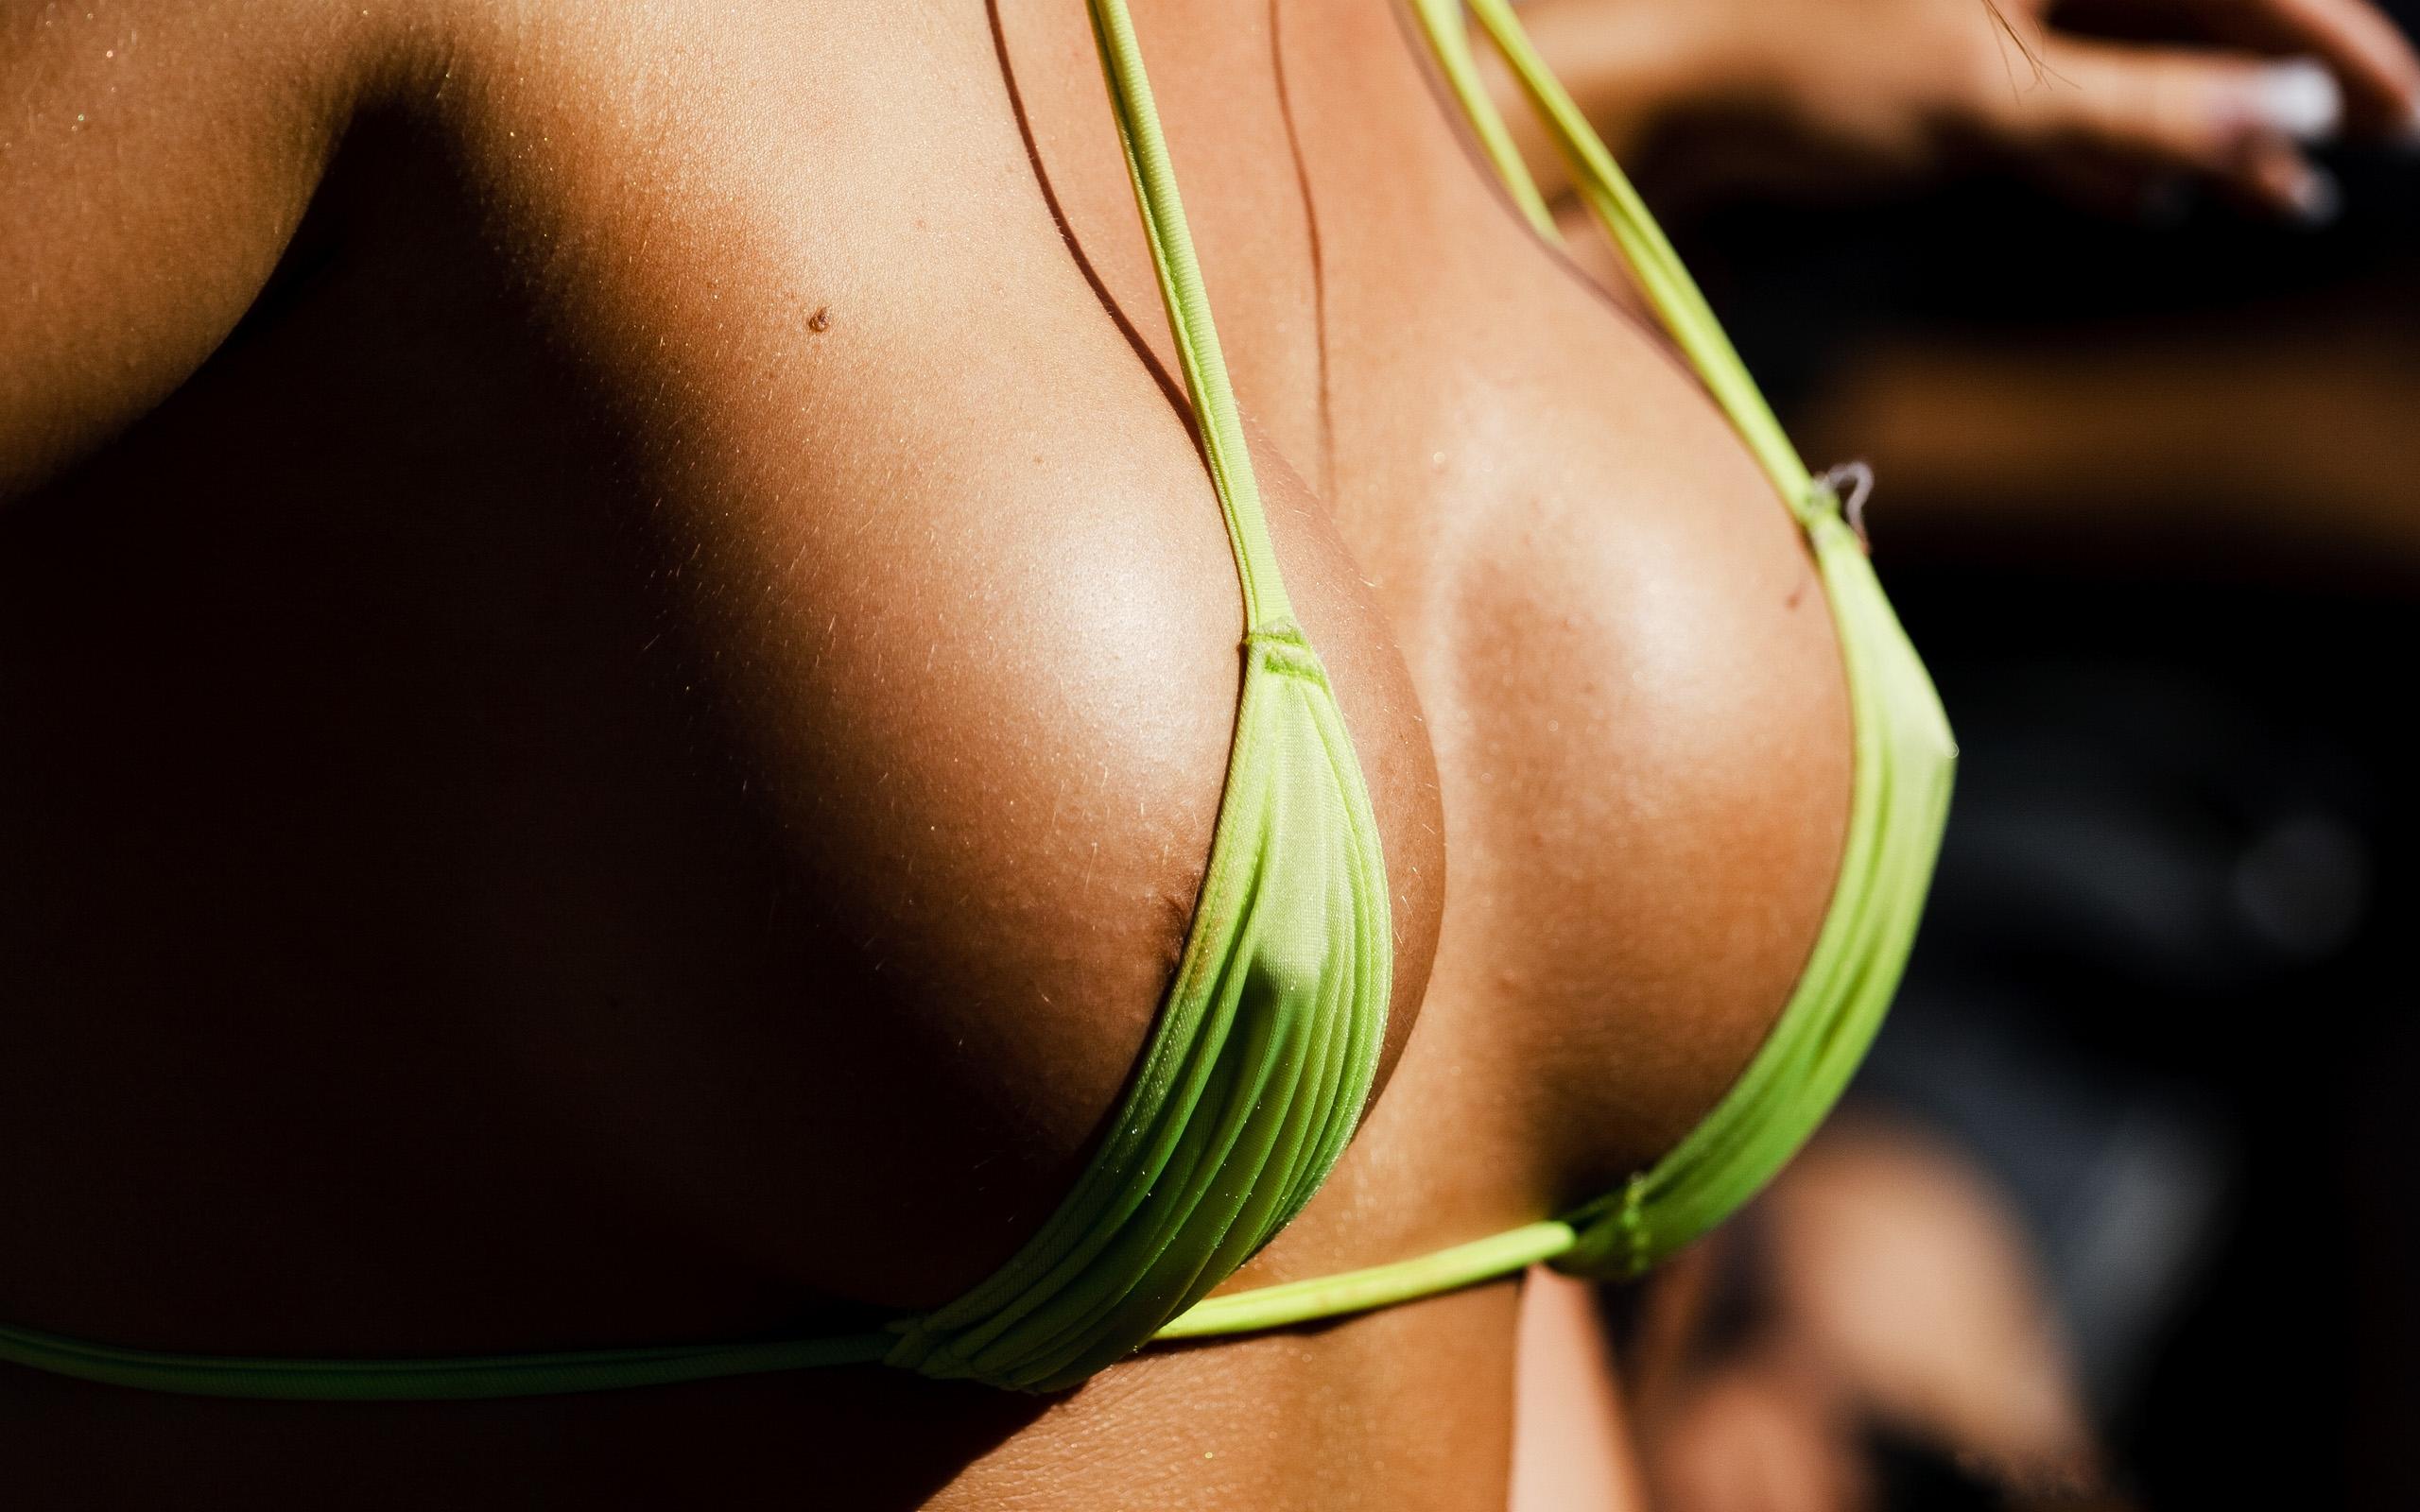 Фото голых девушек попок сисек извиняюсь